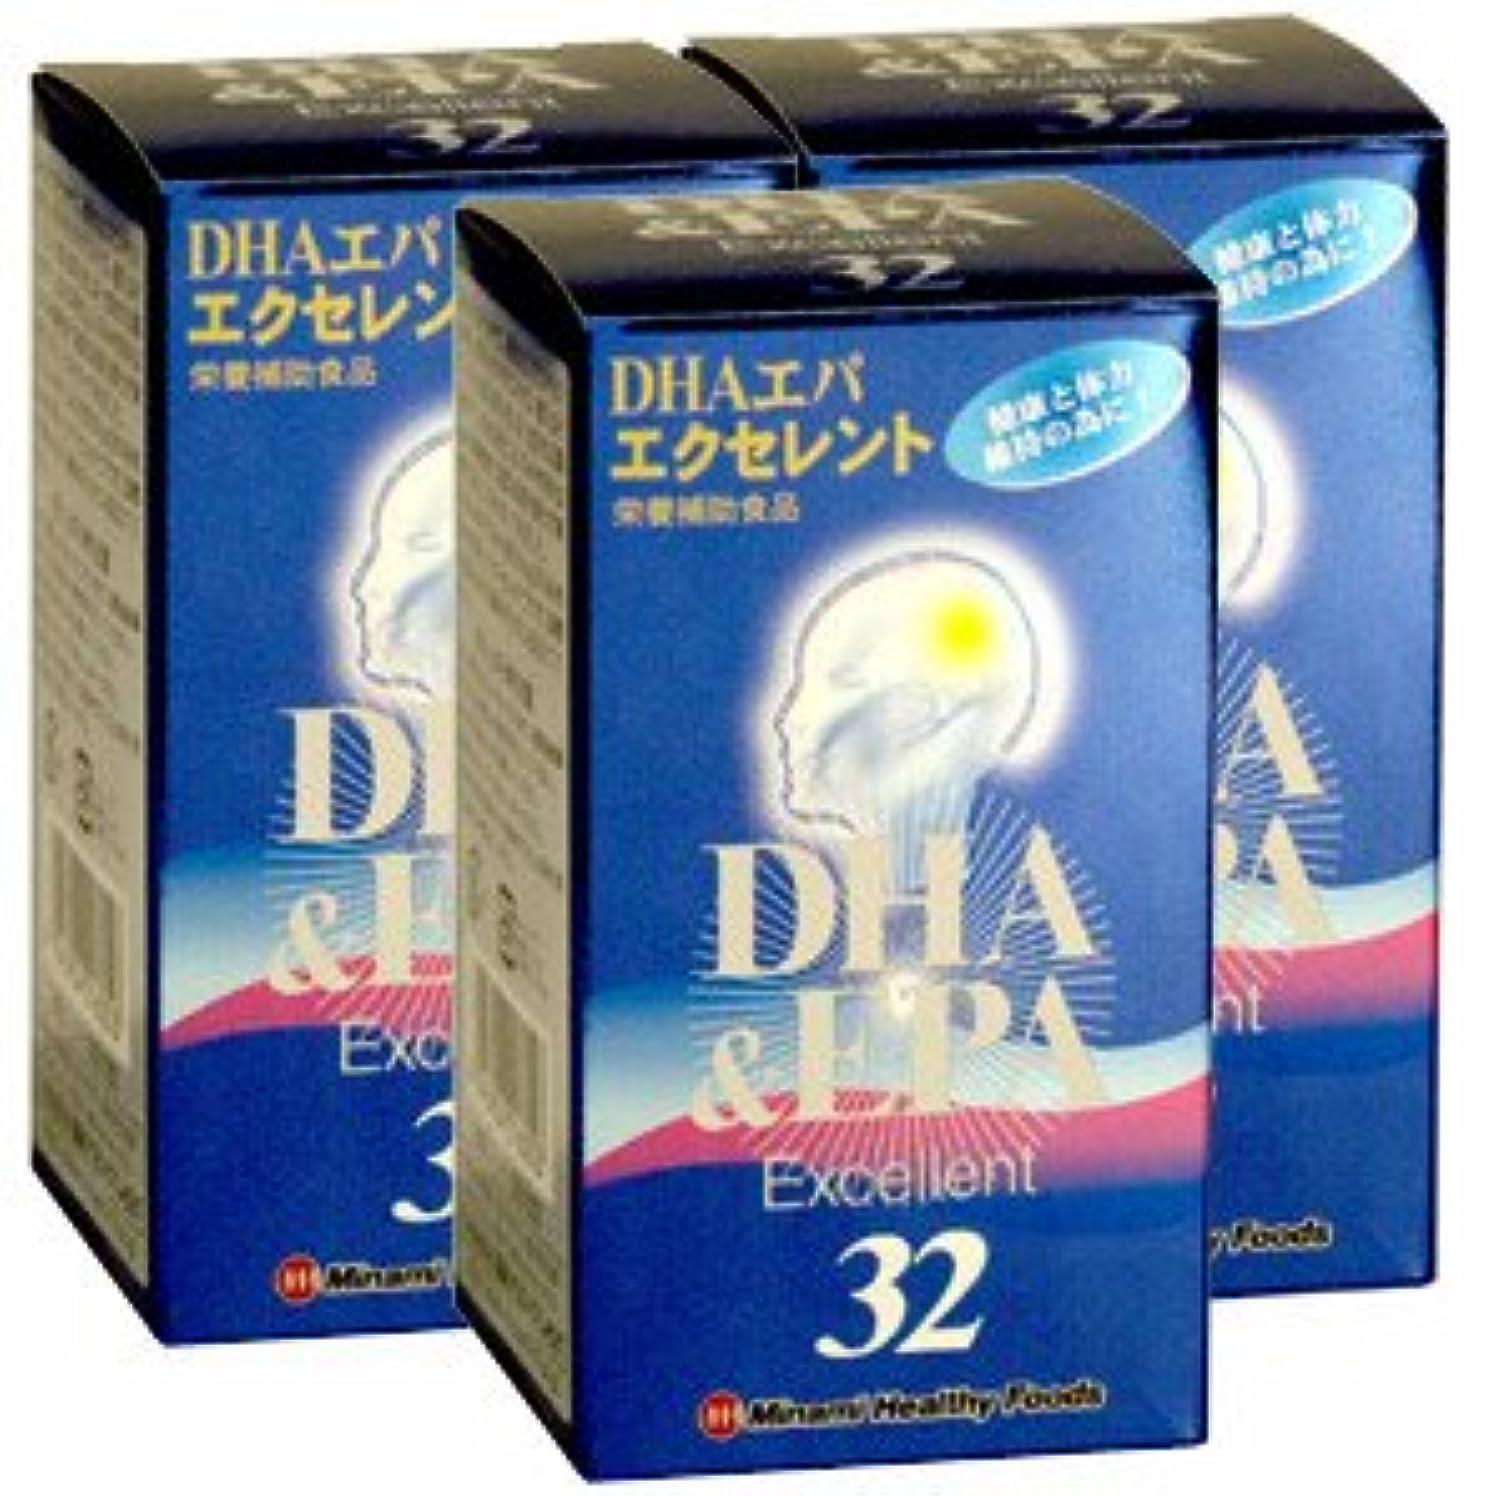 業界行政活性化DHAエパエクセレント32【3本セット】ミナミヘルシーフーズ